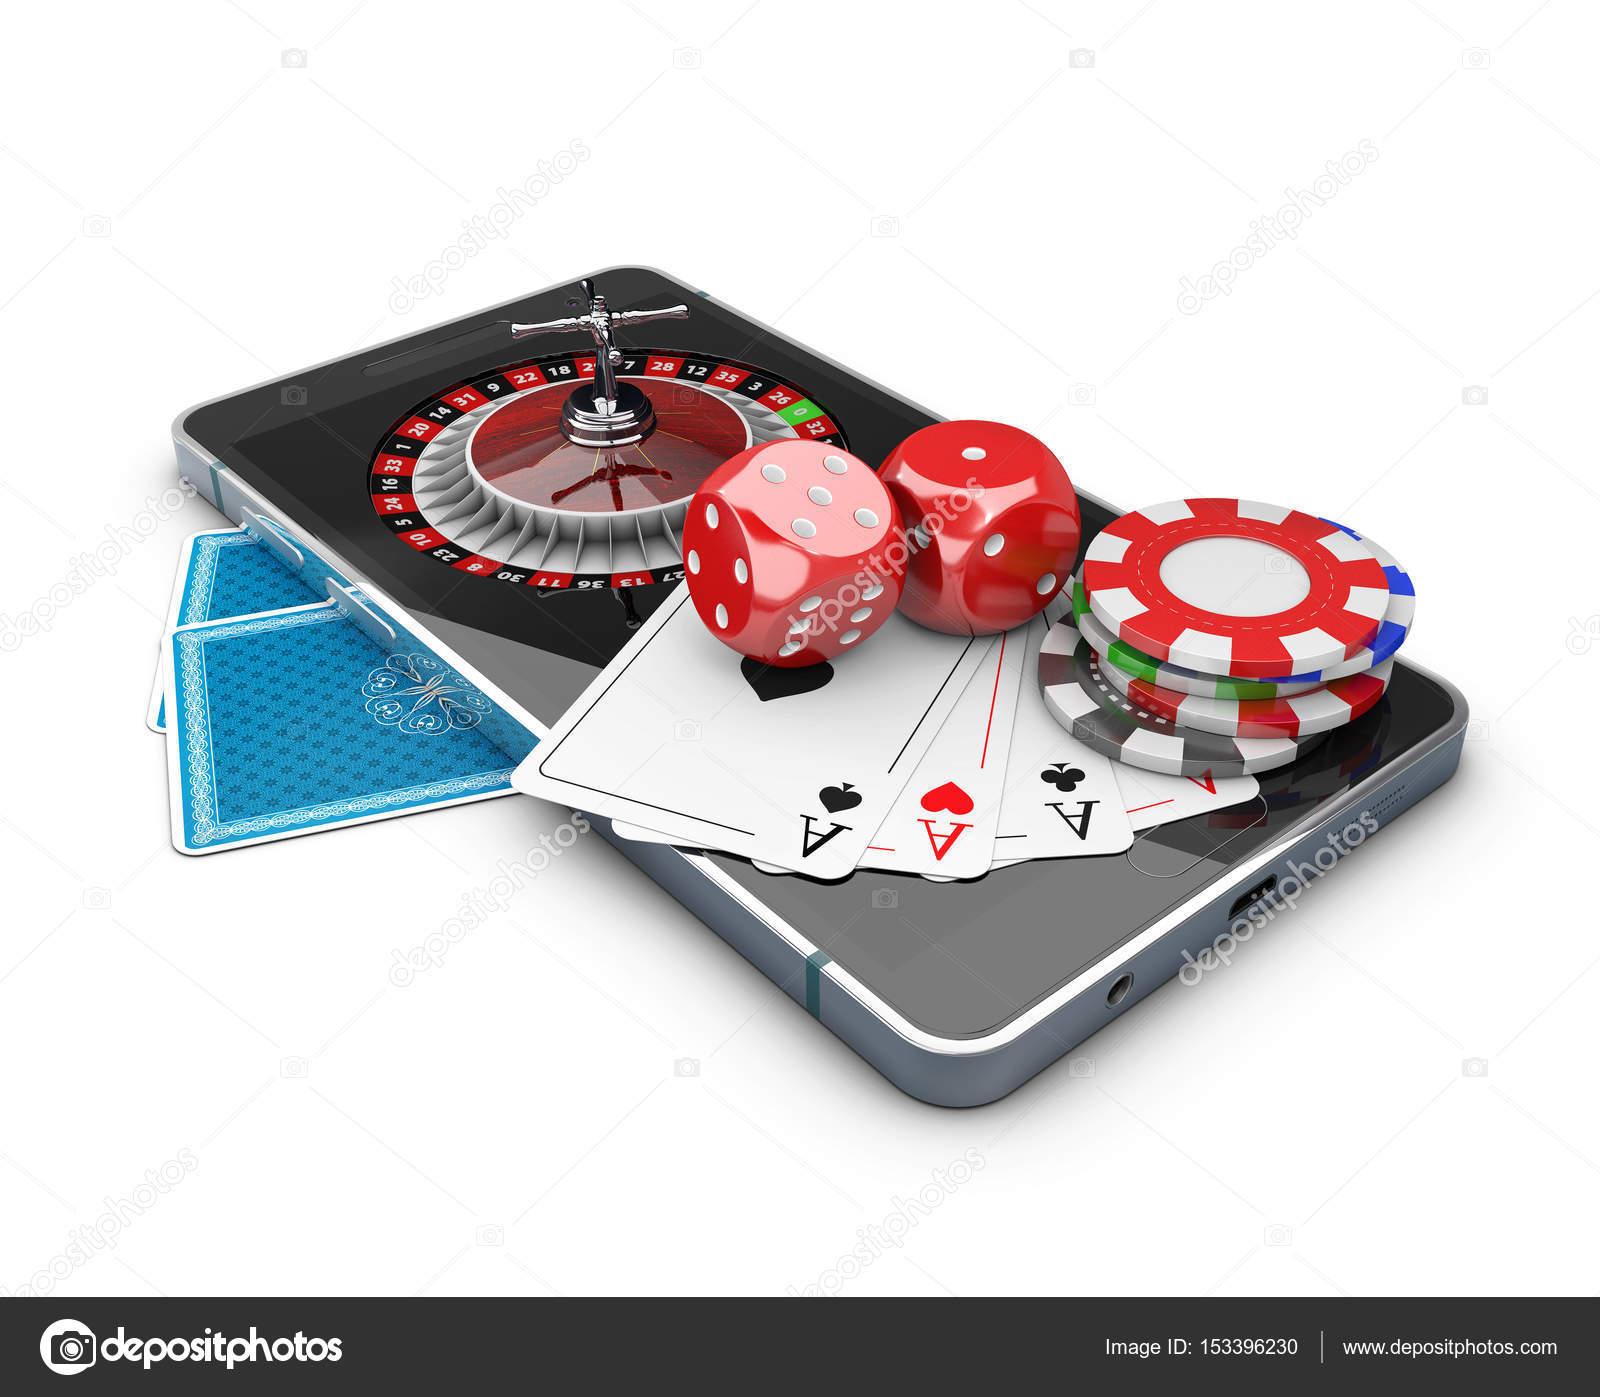 Карты играть на телефоне онлайн игровые автоматы в российской федерации